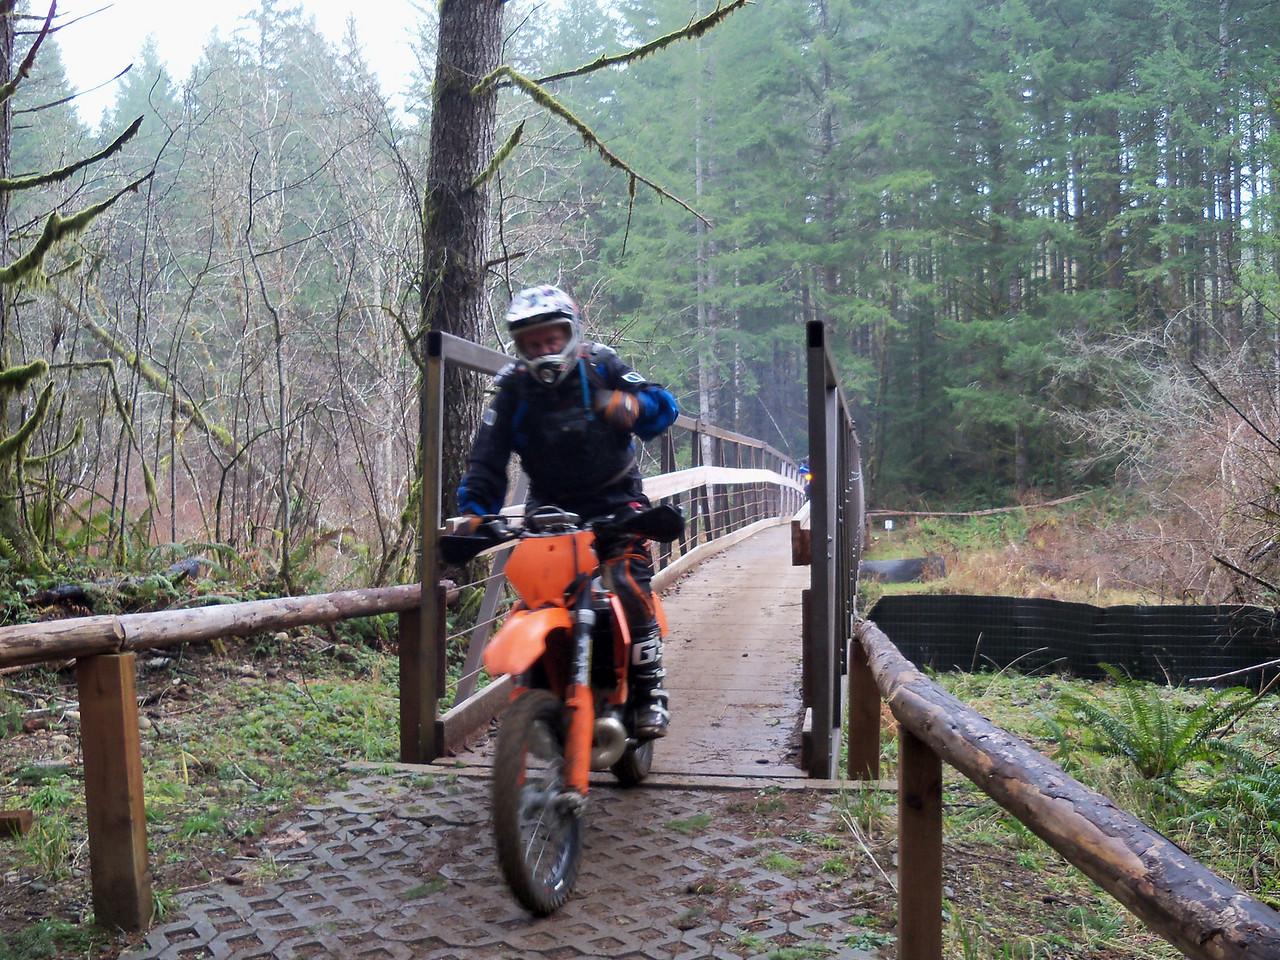 Rory on Fred's Bike